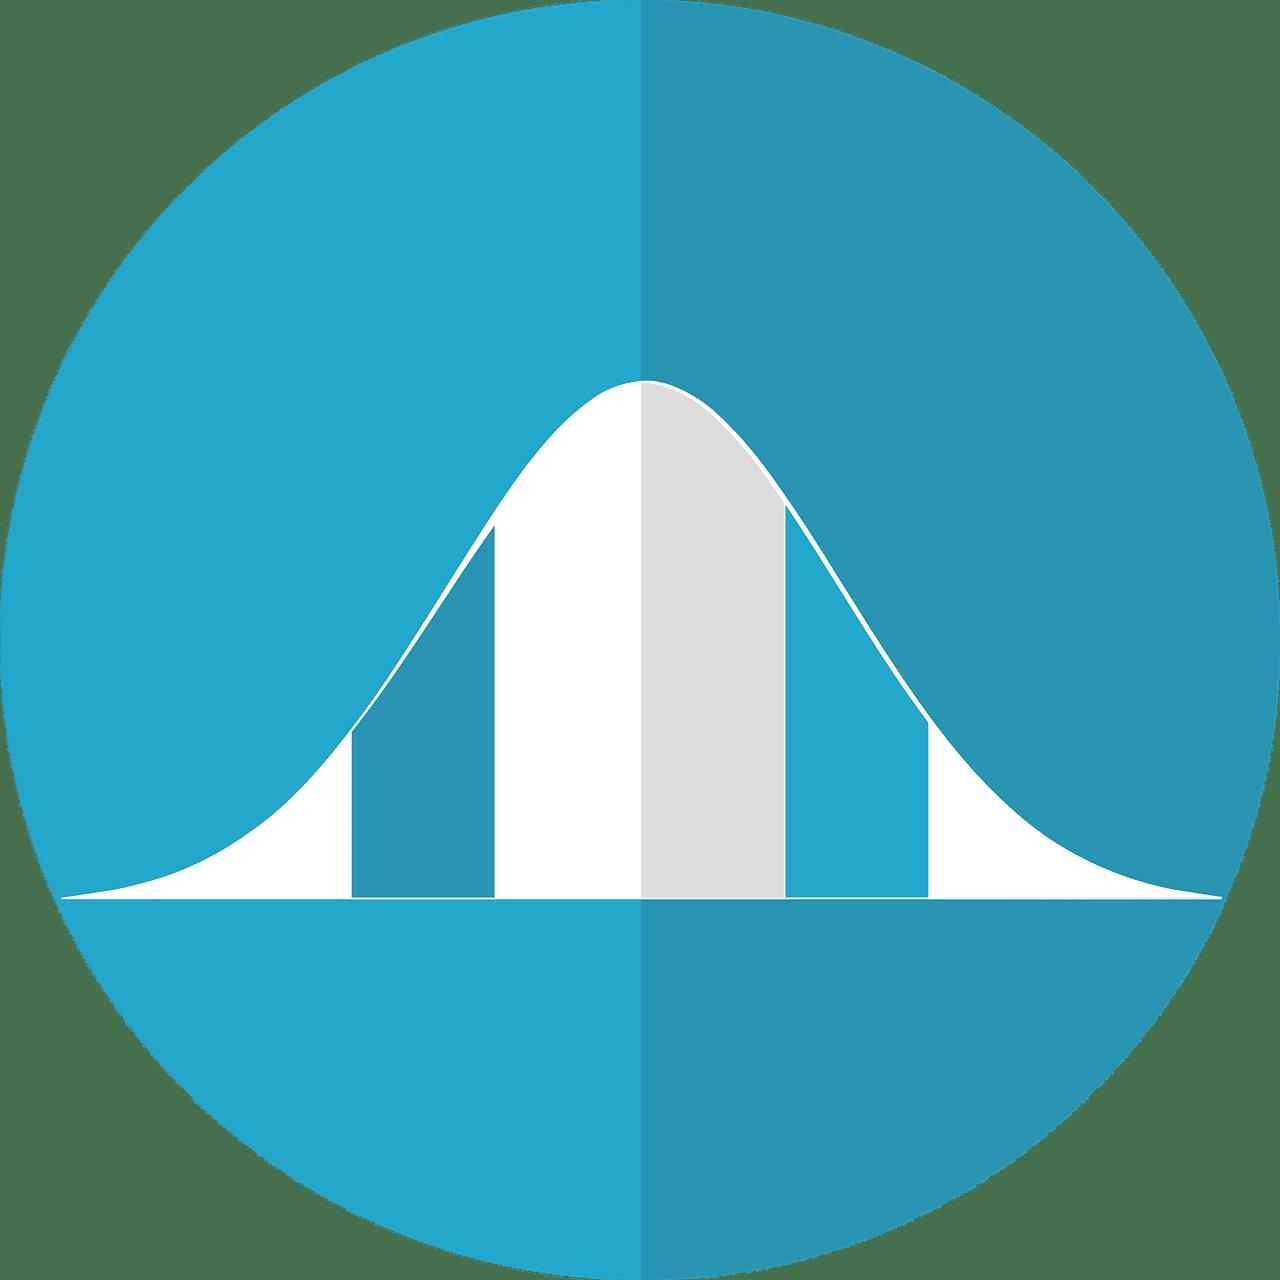 Estatísticas de fair lines e apostas de valor